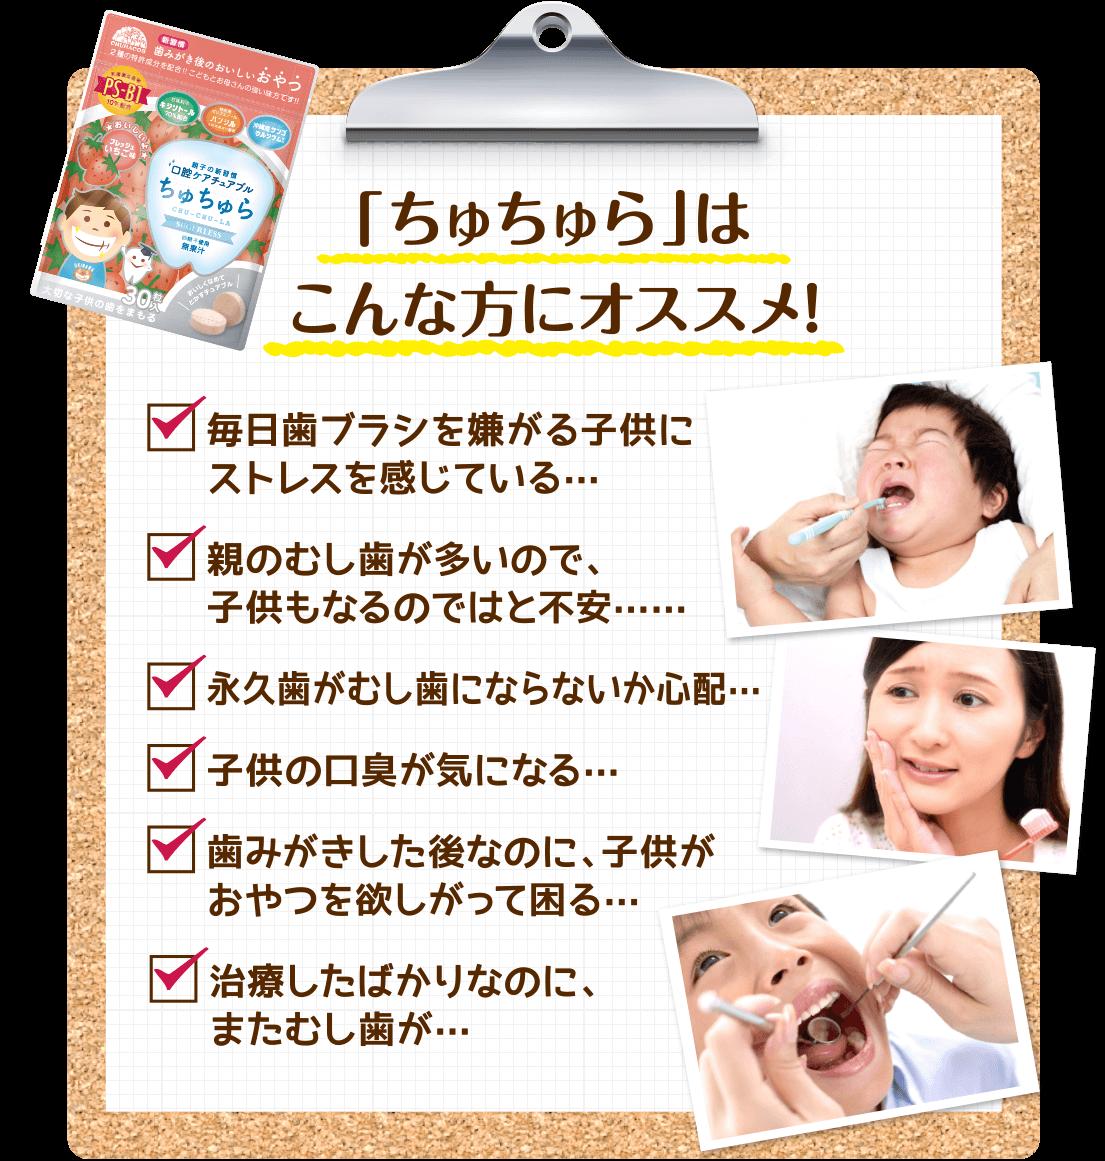 「ちゅちゅら」はこんな方にオススメ!毎日歯ブラシを嫌がる子供にストレスを感じている・・・。 親の虫歯が多いので、子供もなるのではと不安・・・。 永久歯が虫歯にならないか心配・・・。 子供の口臭が気になる・・・。 歯みがきをした後なのに、子供がおやつを欲しがって困る・・・。 治療したばかりなのに、またむし歯が・・・。今は歯みがき嫌いでもそのうちやるようになるから大丈夫!そう考えているお母さん!子供のうちから歯みがきを習慣化することは、とっても大切なんです!